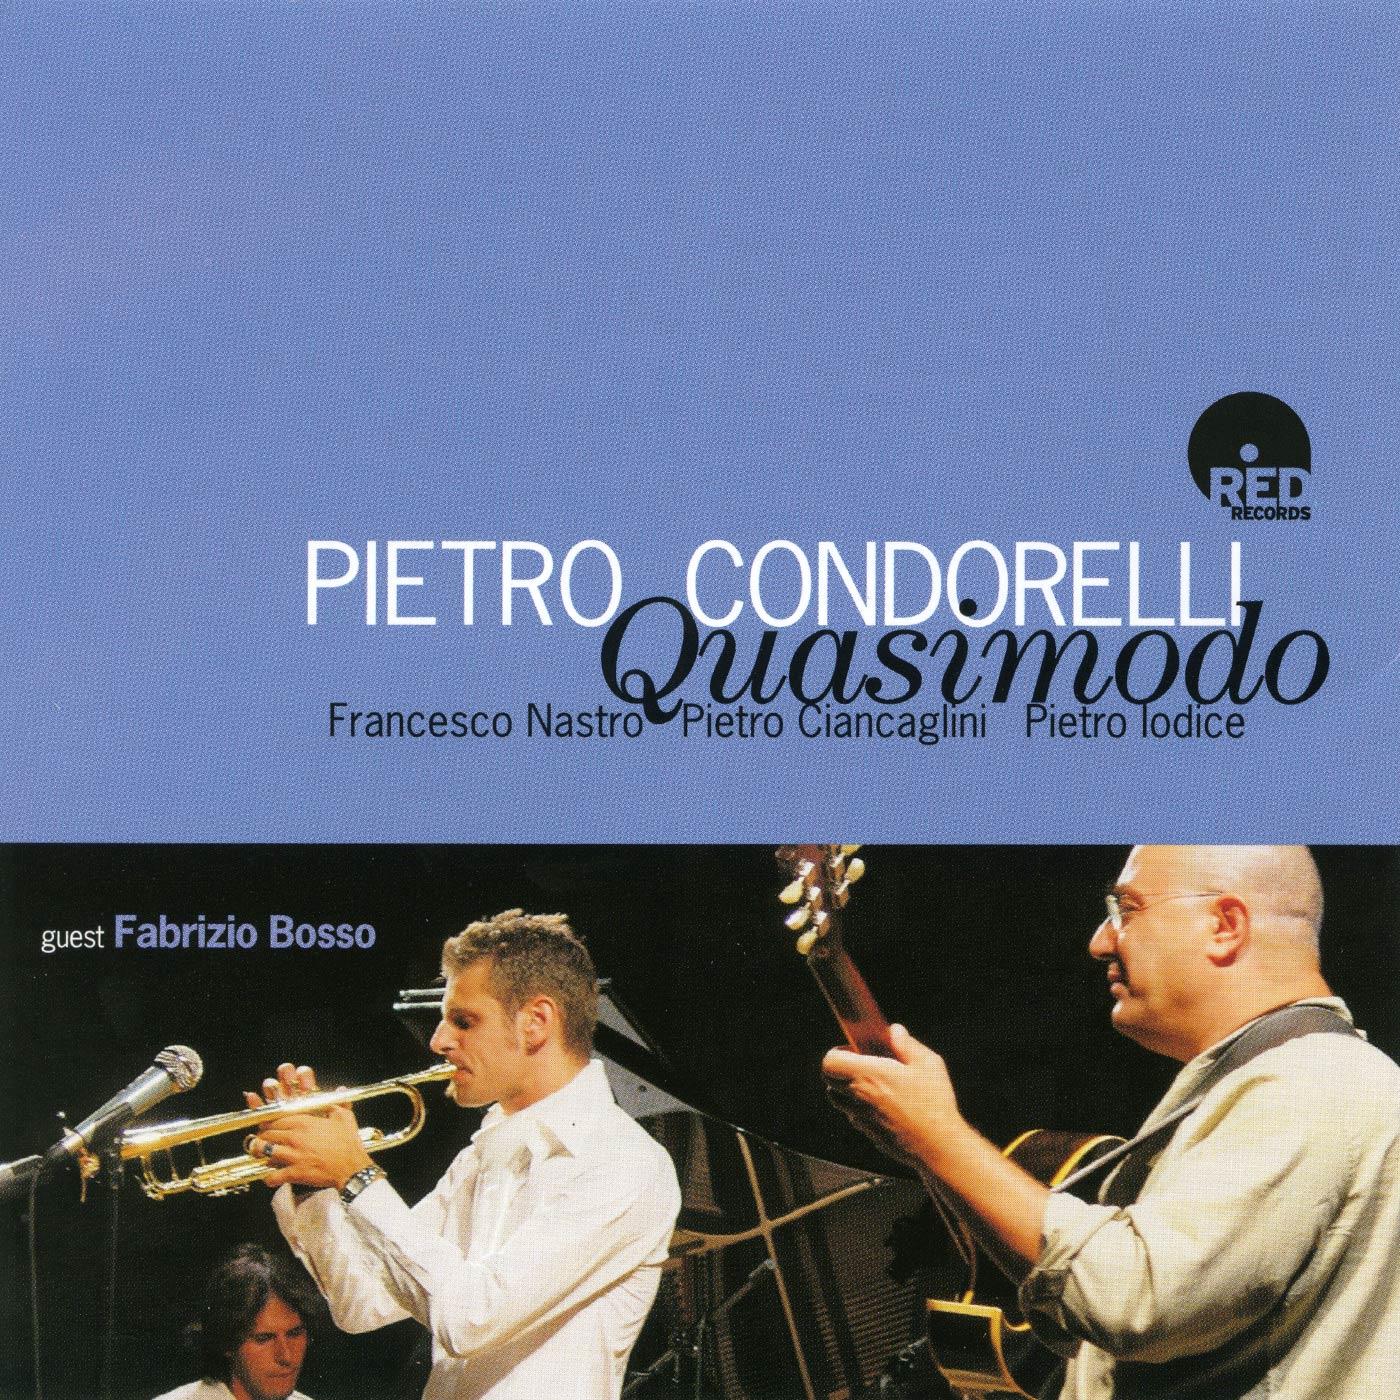 Quasimodo - Pietro Condorelli